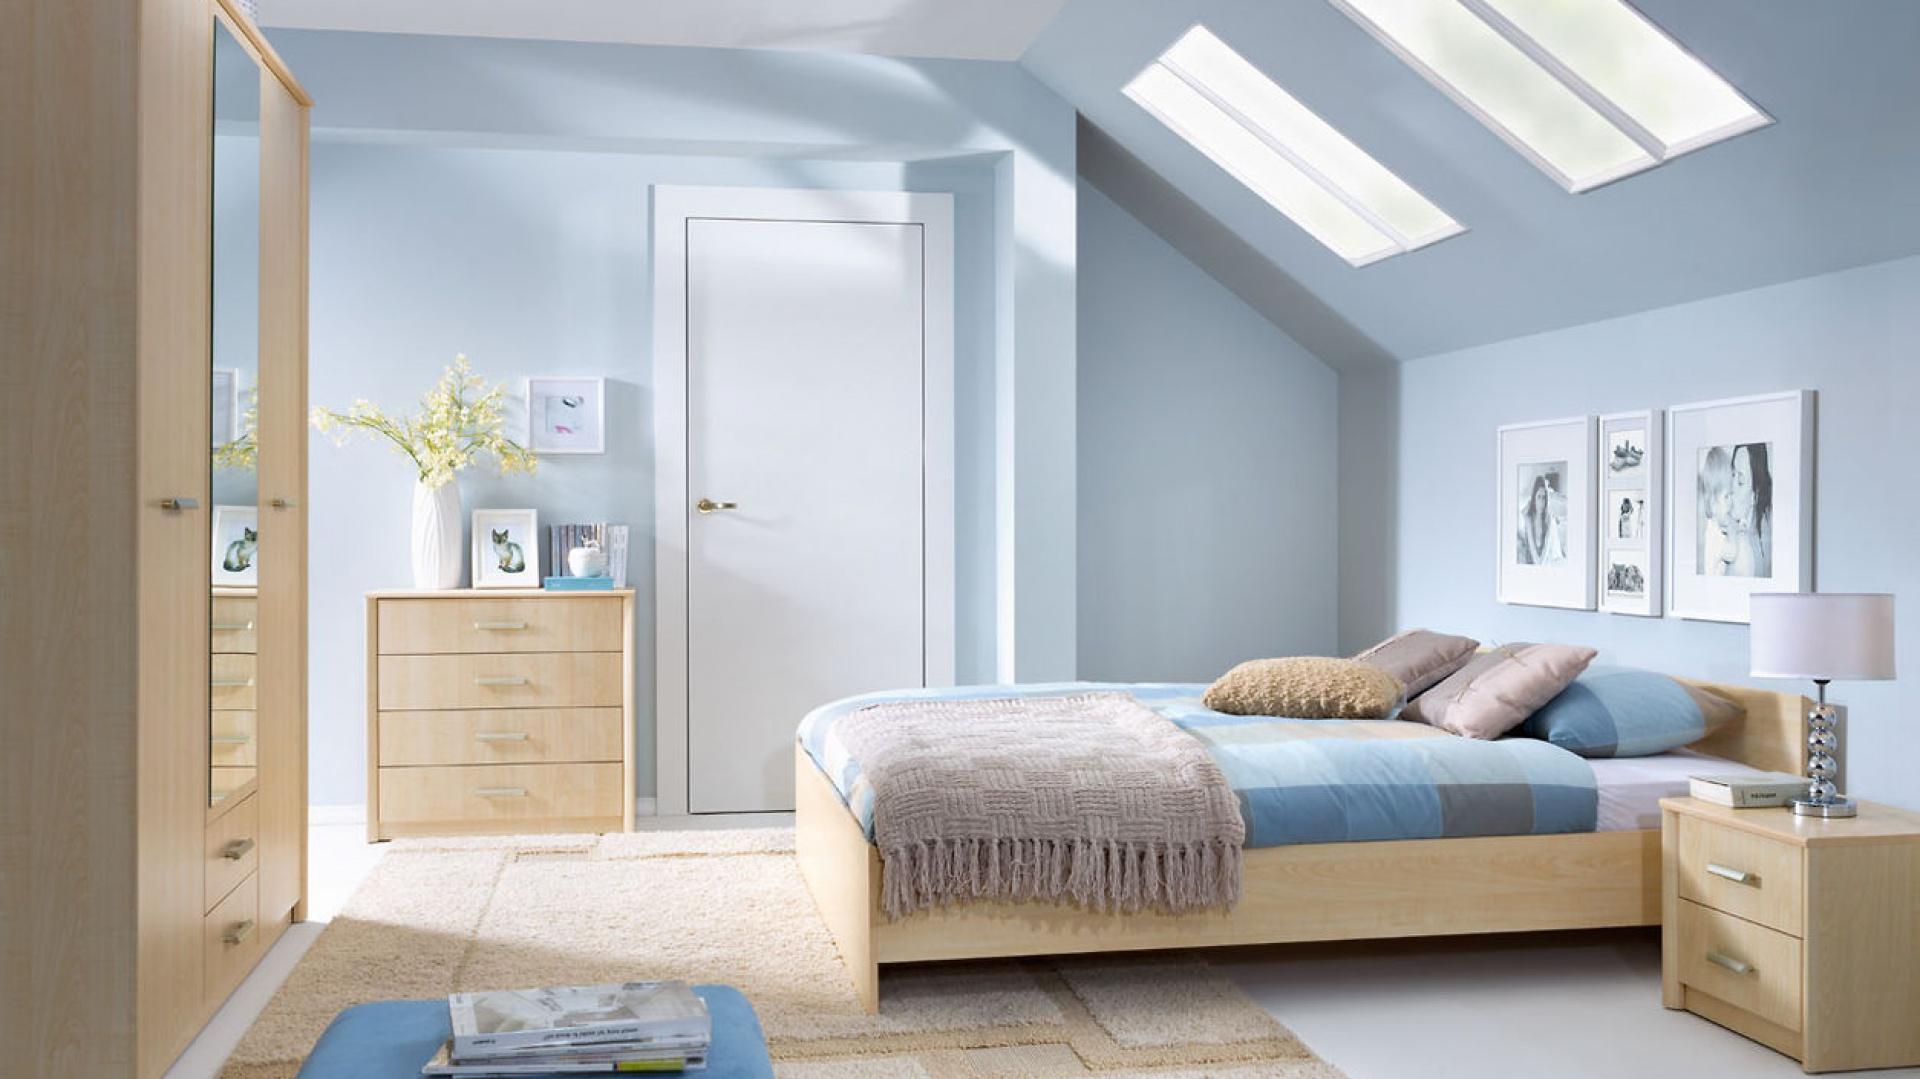 Delikatne, pastelowe odcienie optycznie powiększają sypialnię na poddaszu. Prezentują się ciepło i stylowo. Fot. Black Red White.